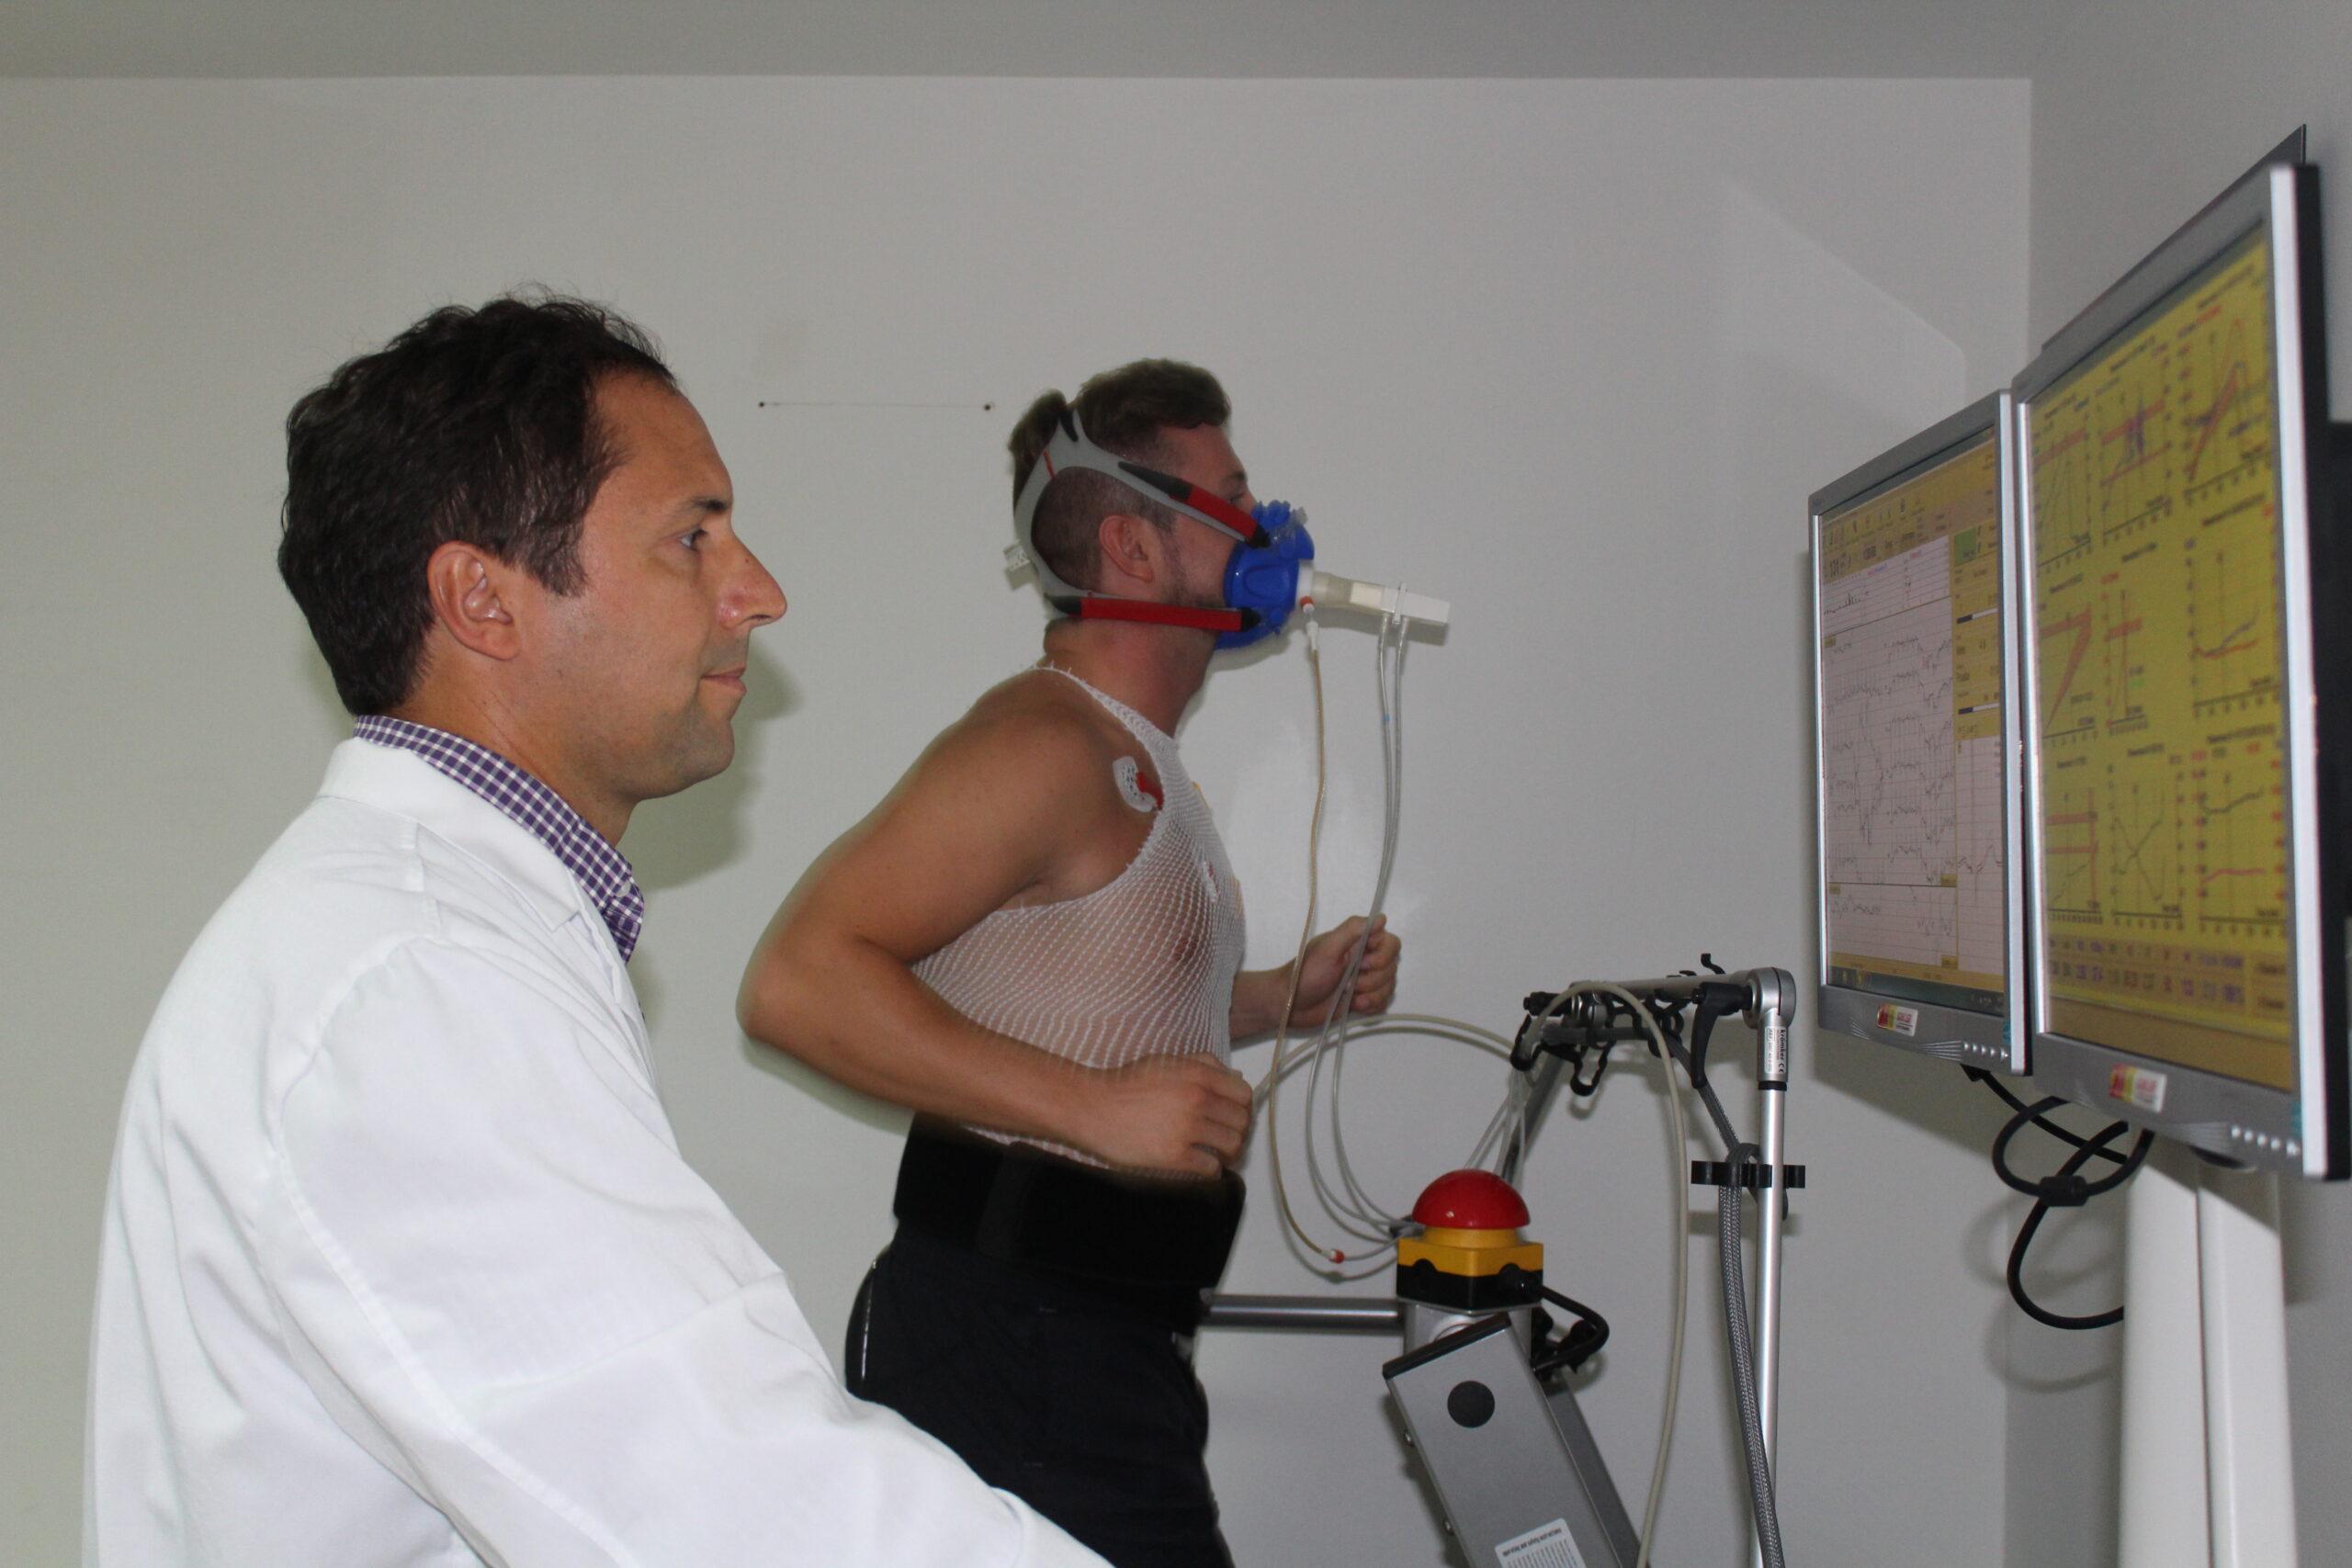 Prueba de esfuerzo con gases para practicar deporte con seguridad 1